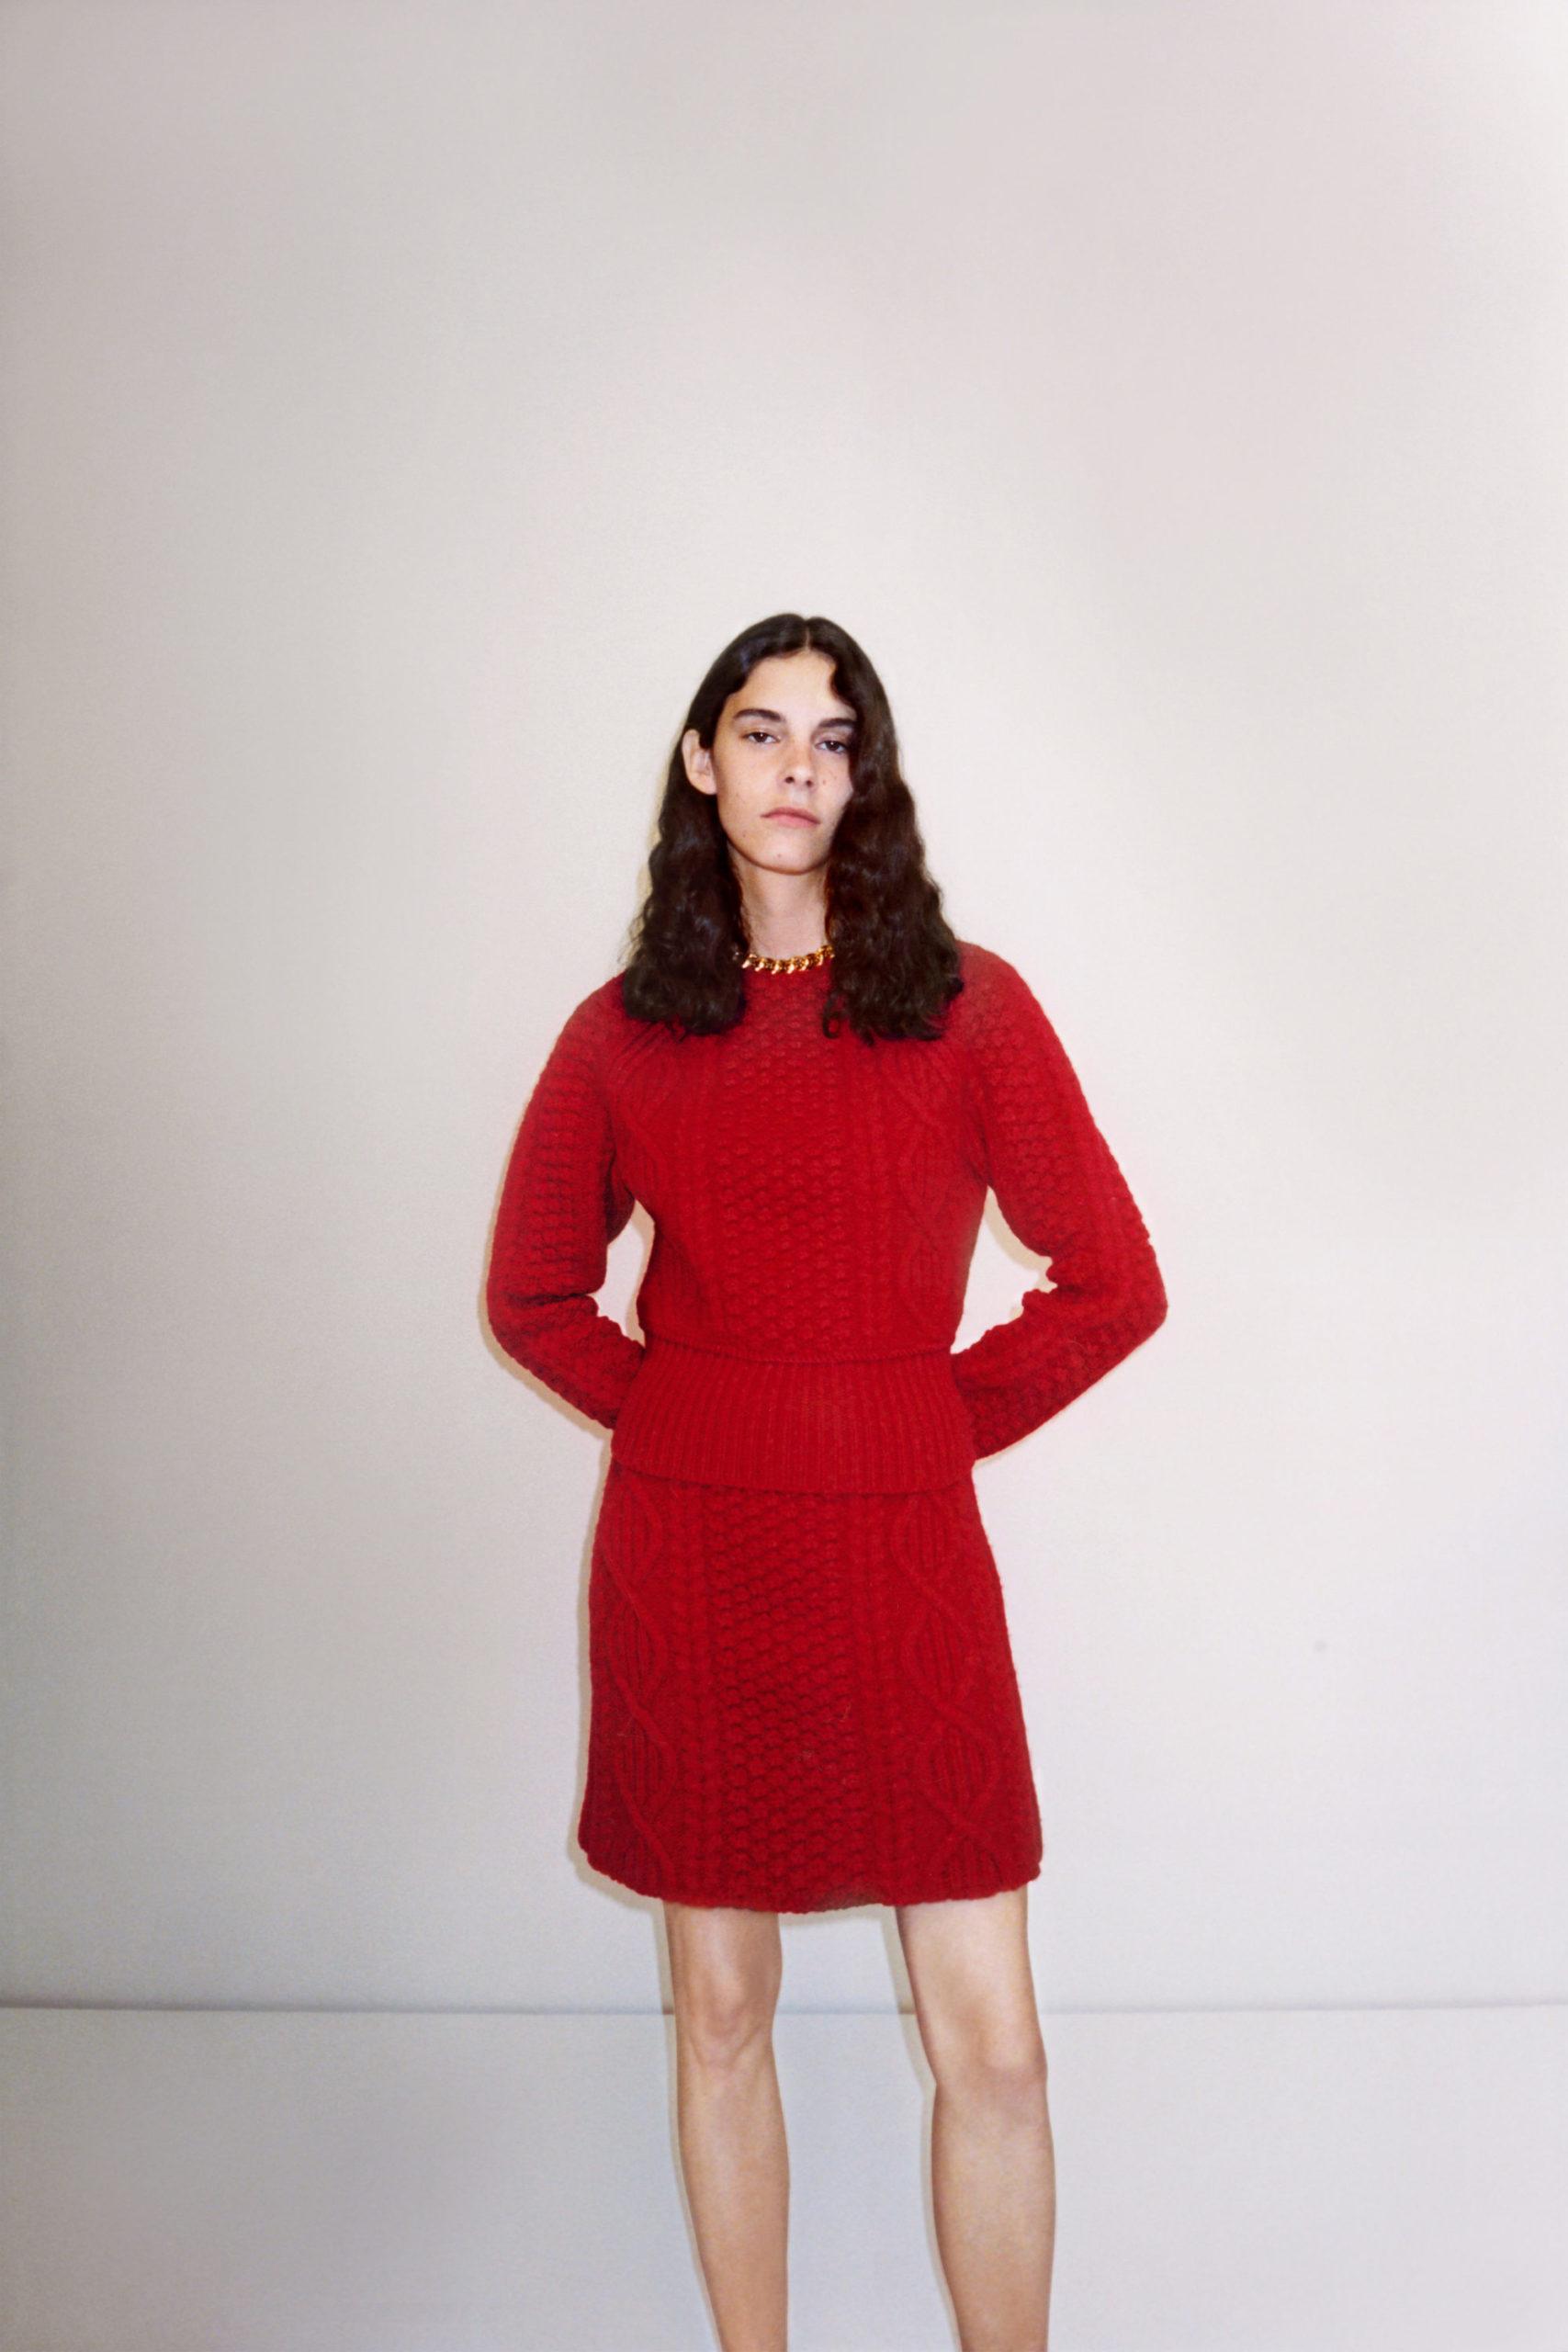 Платье с баской от Bottega Veneta модель 2021 года